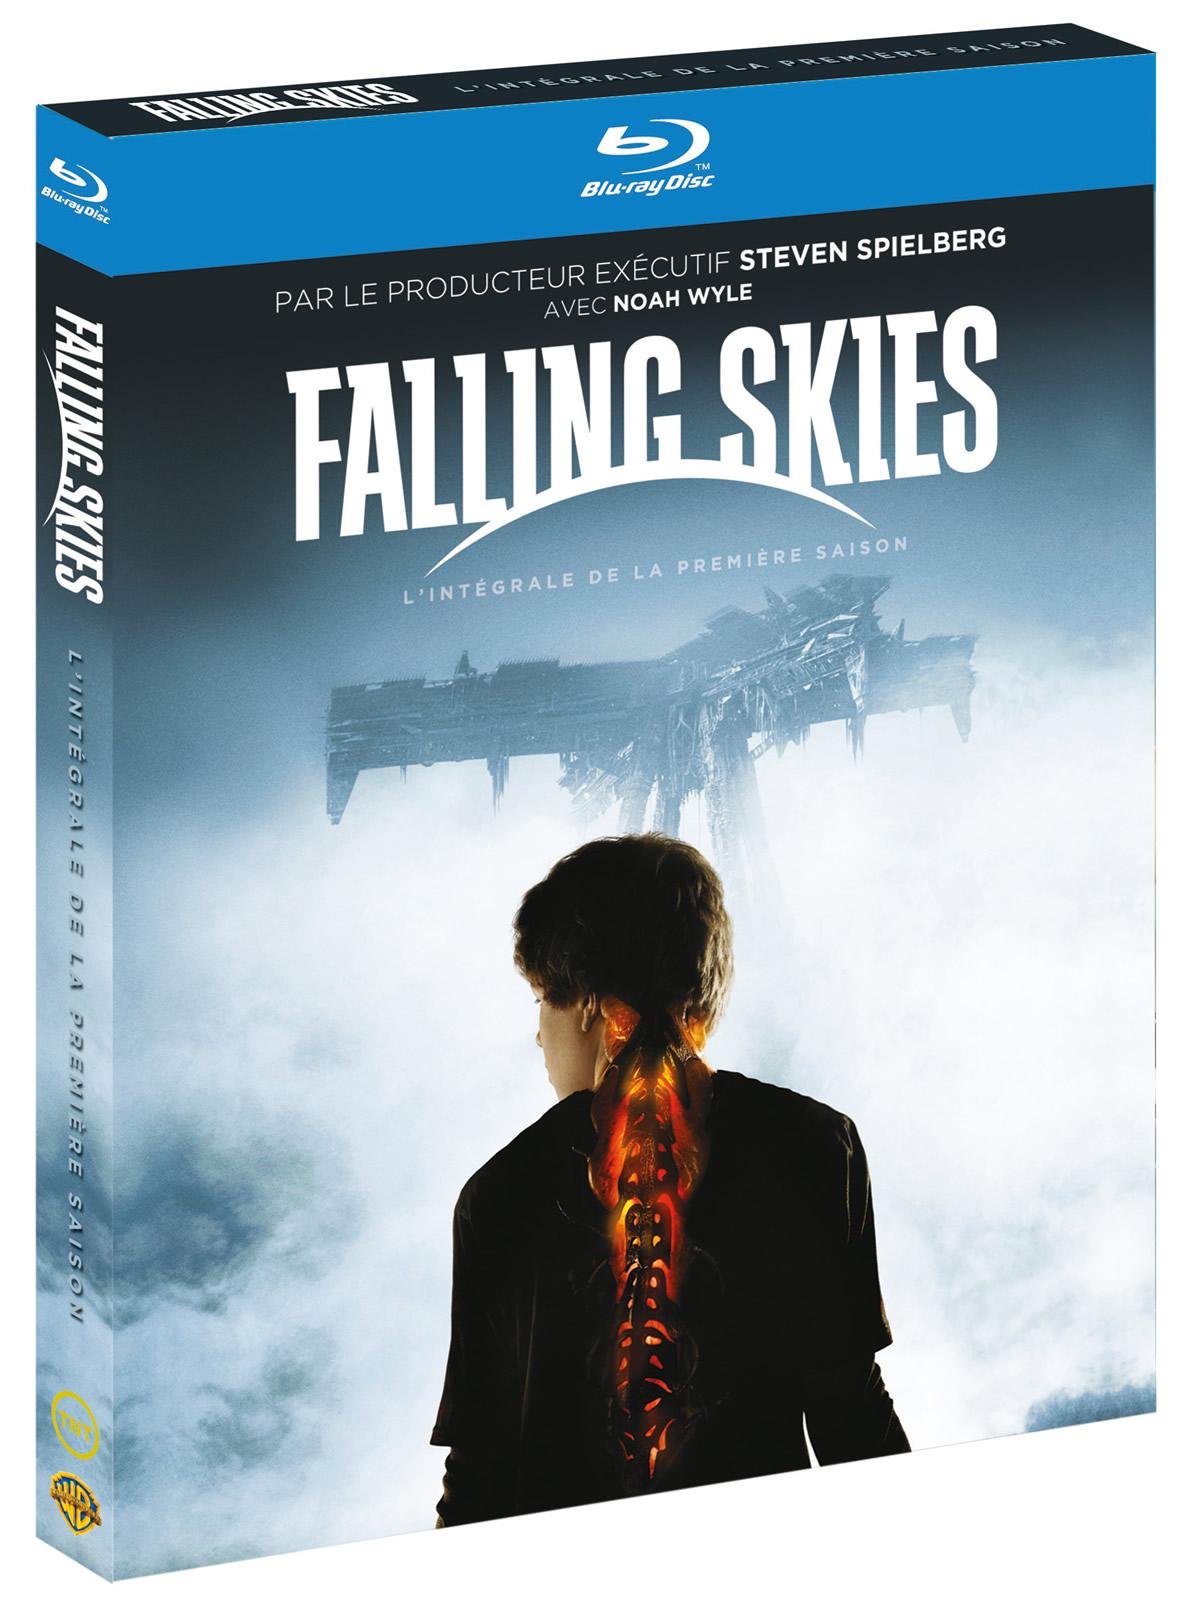 Falling Skies 1 - Falling Skies - Saison 1